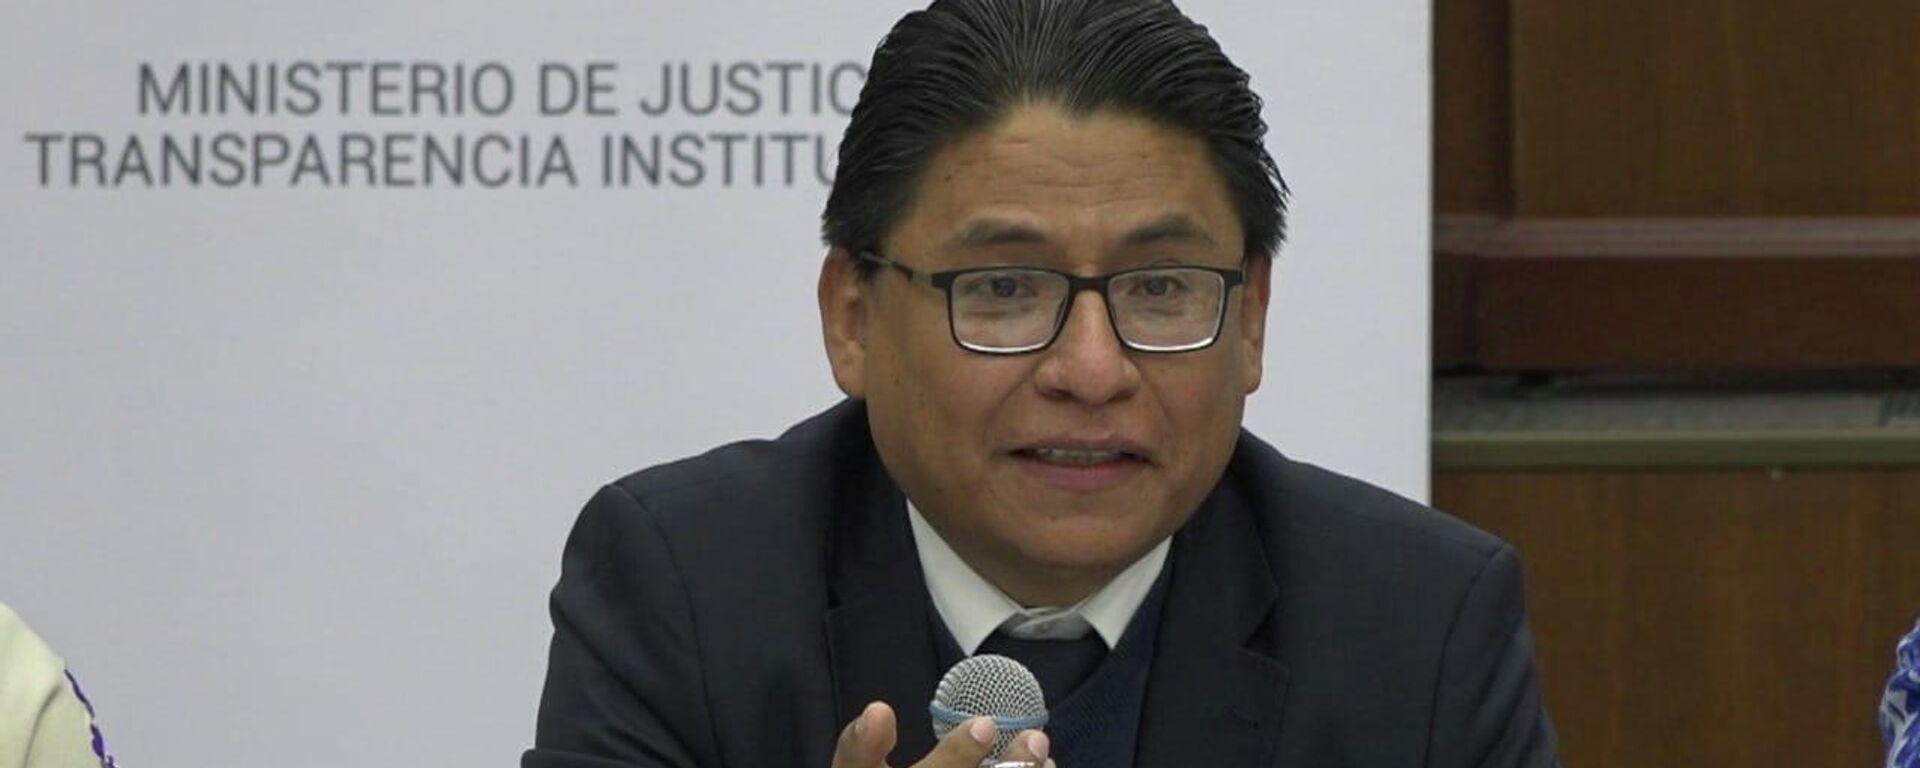 Iván Lima Magne, ministro de Justicia y Transparencia Institucional de Bolivia - Sputnik Mundo, 1920, 19.08.2021